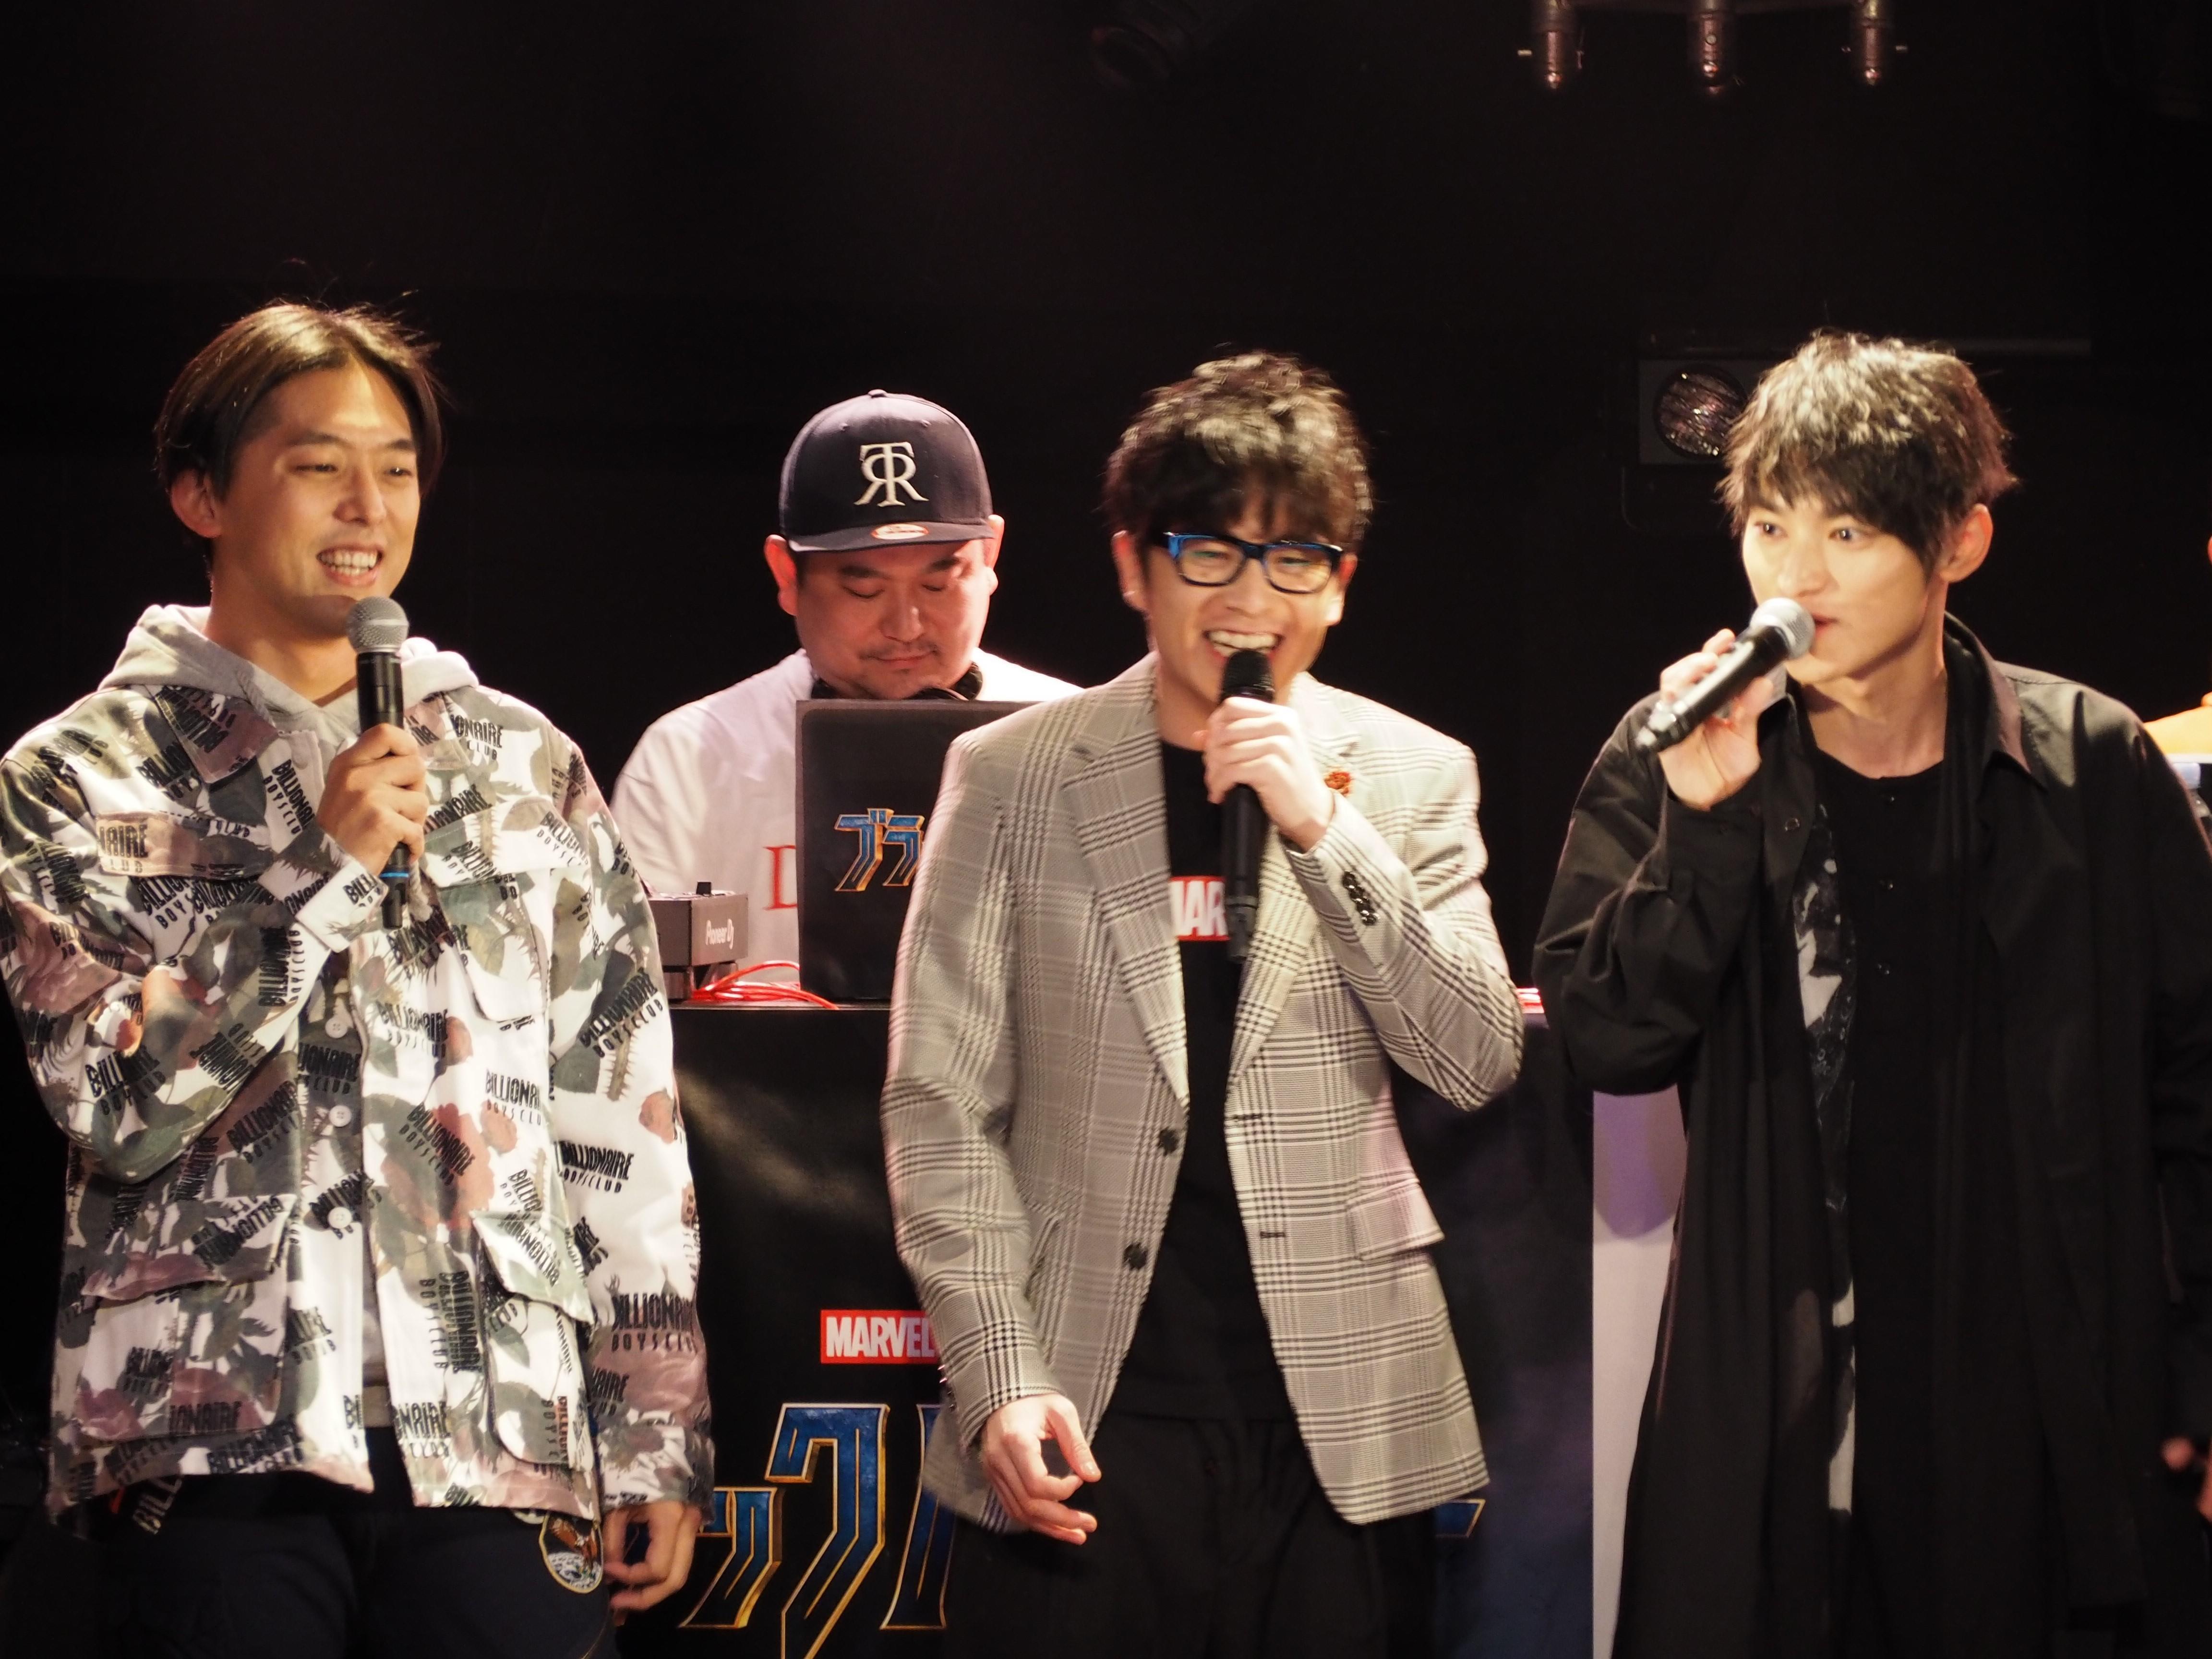 http://news.yoshimoto.co.jp/20180227220542-c9cecf04b4c5e7e736433794a20718b78afe1109.jpg